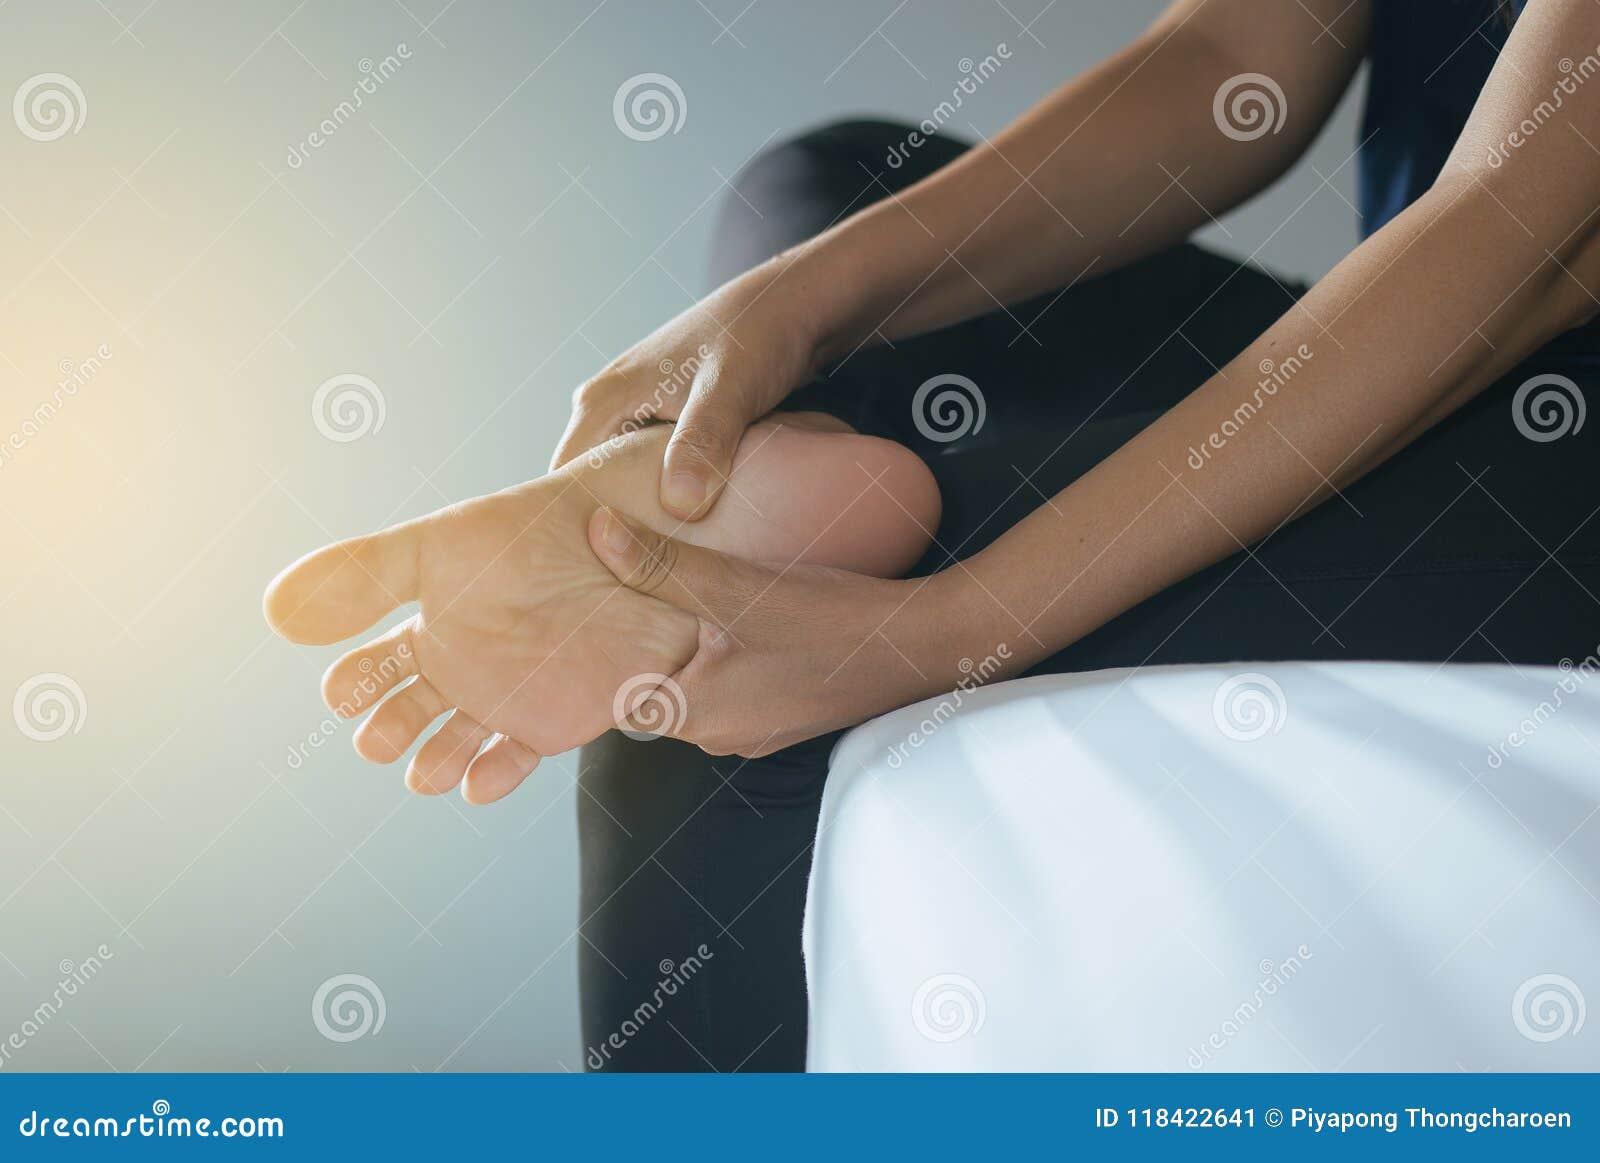 Feche acima da mulher das mãos que tem uma única dor do pé, sentimento fêmea esgotado e doloroso